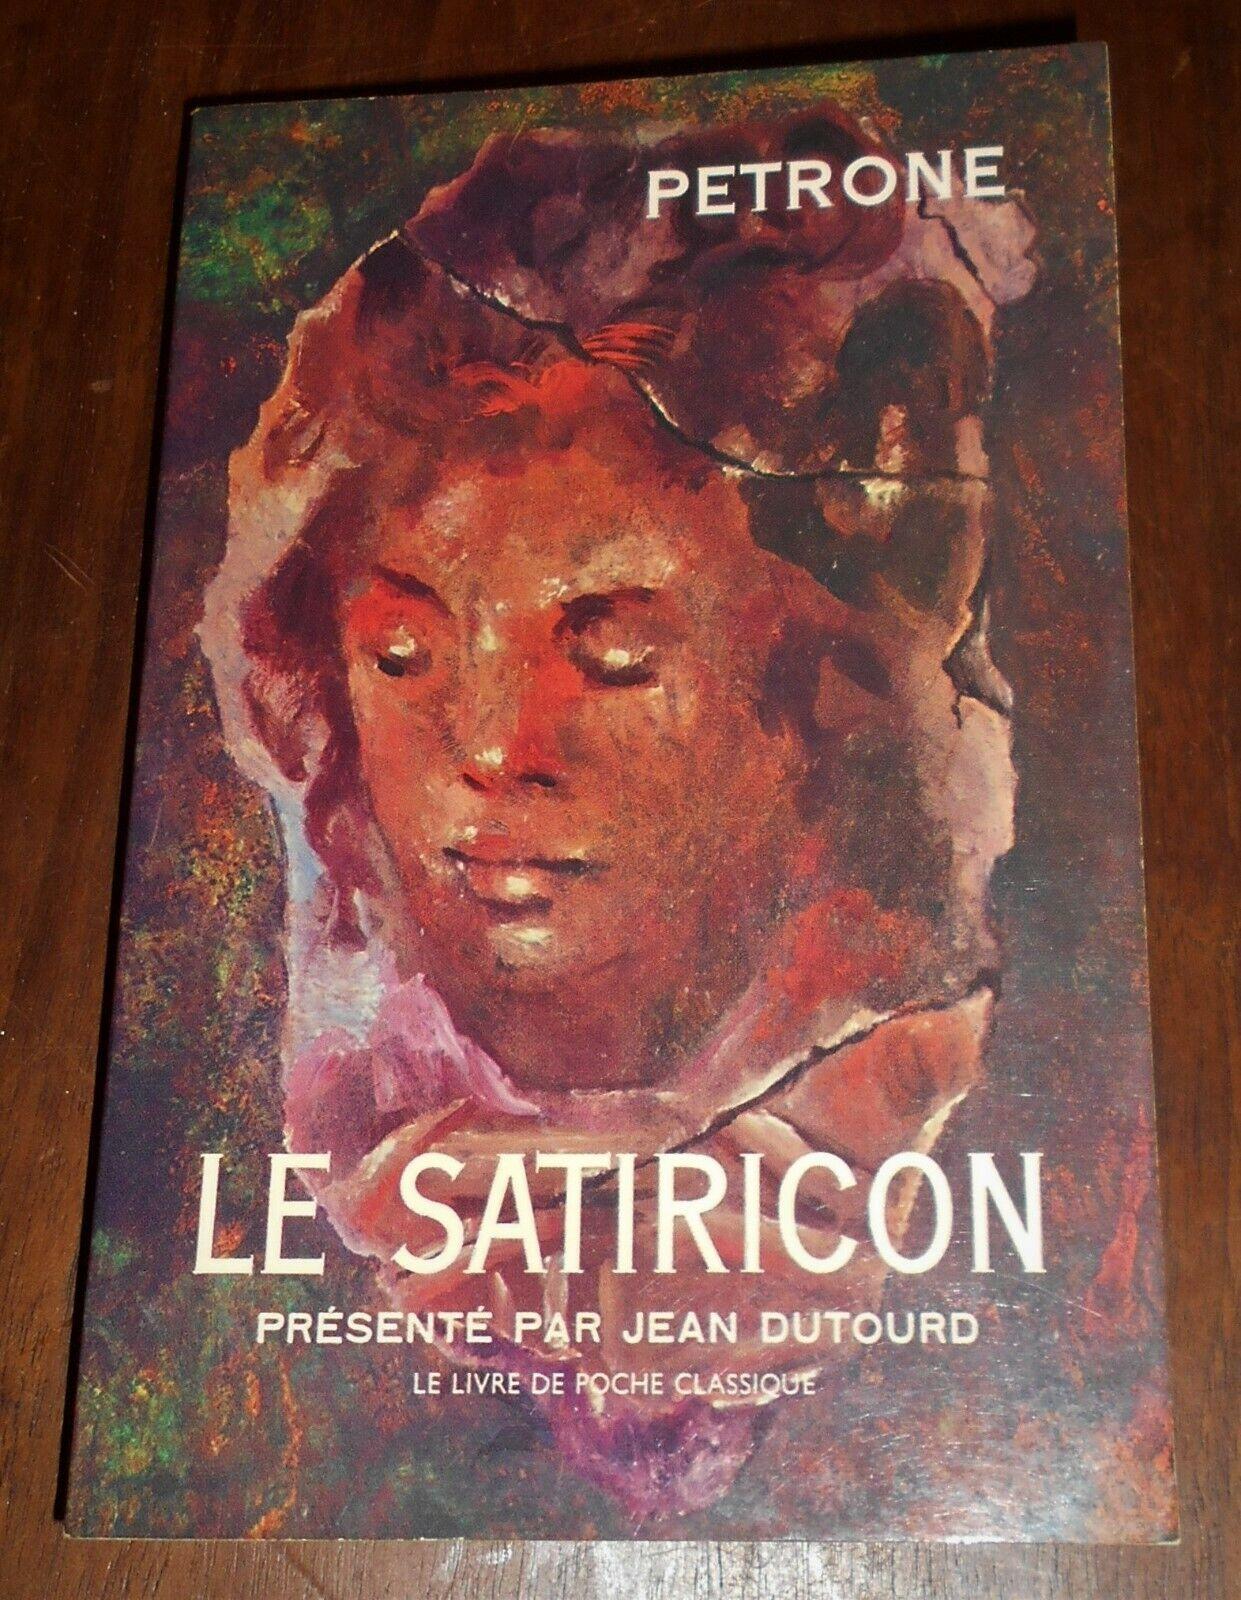 Pétrone «satyricon» (livre de poche classique n° 589, 1969)